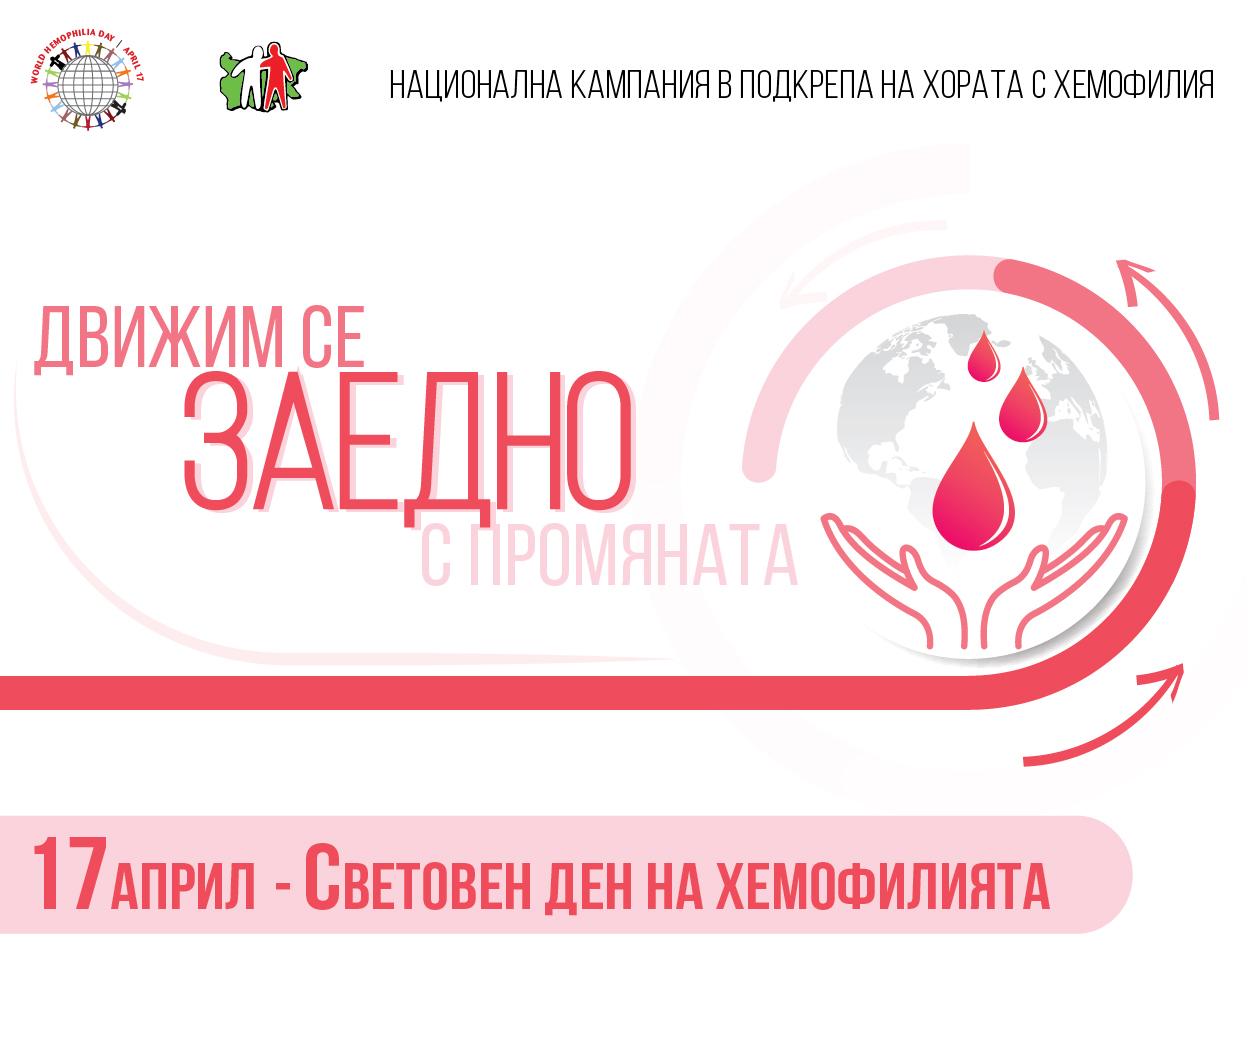 Национална кампания в подкрепа на хората с хемофилия - \